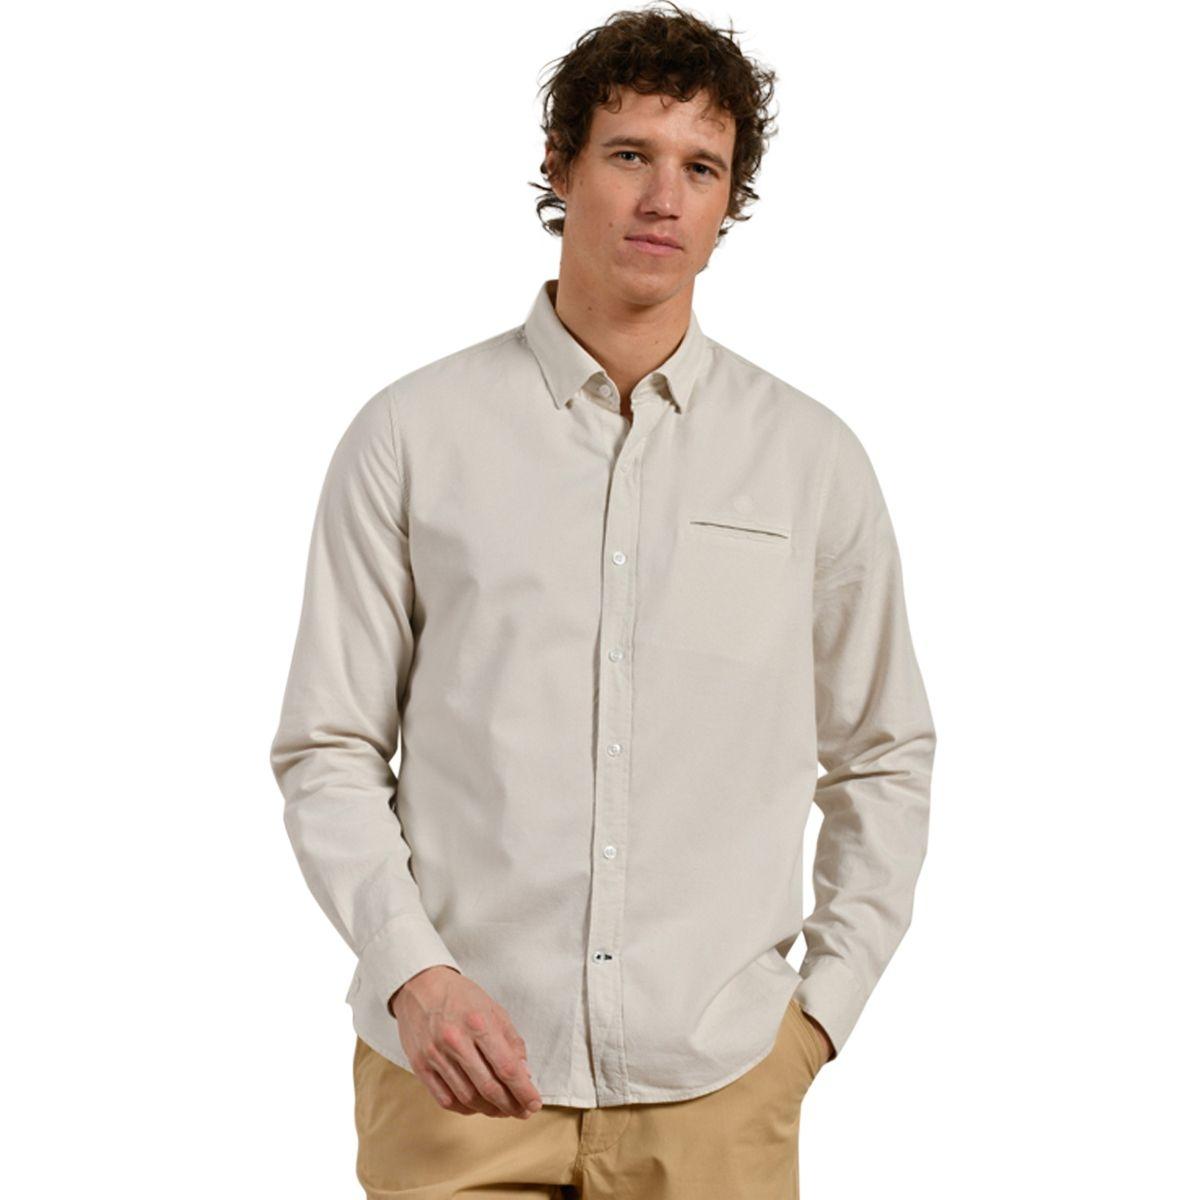 Chemise à détail poche en coton bio CARGUE